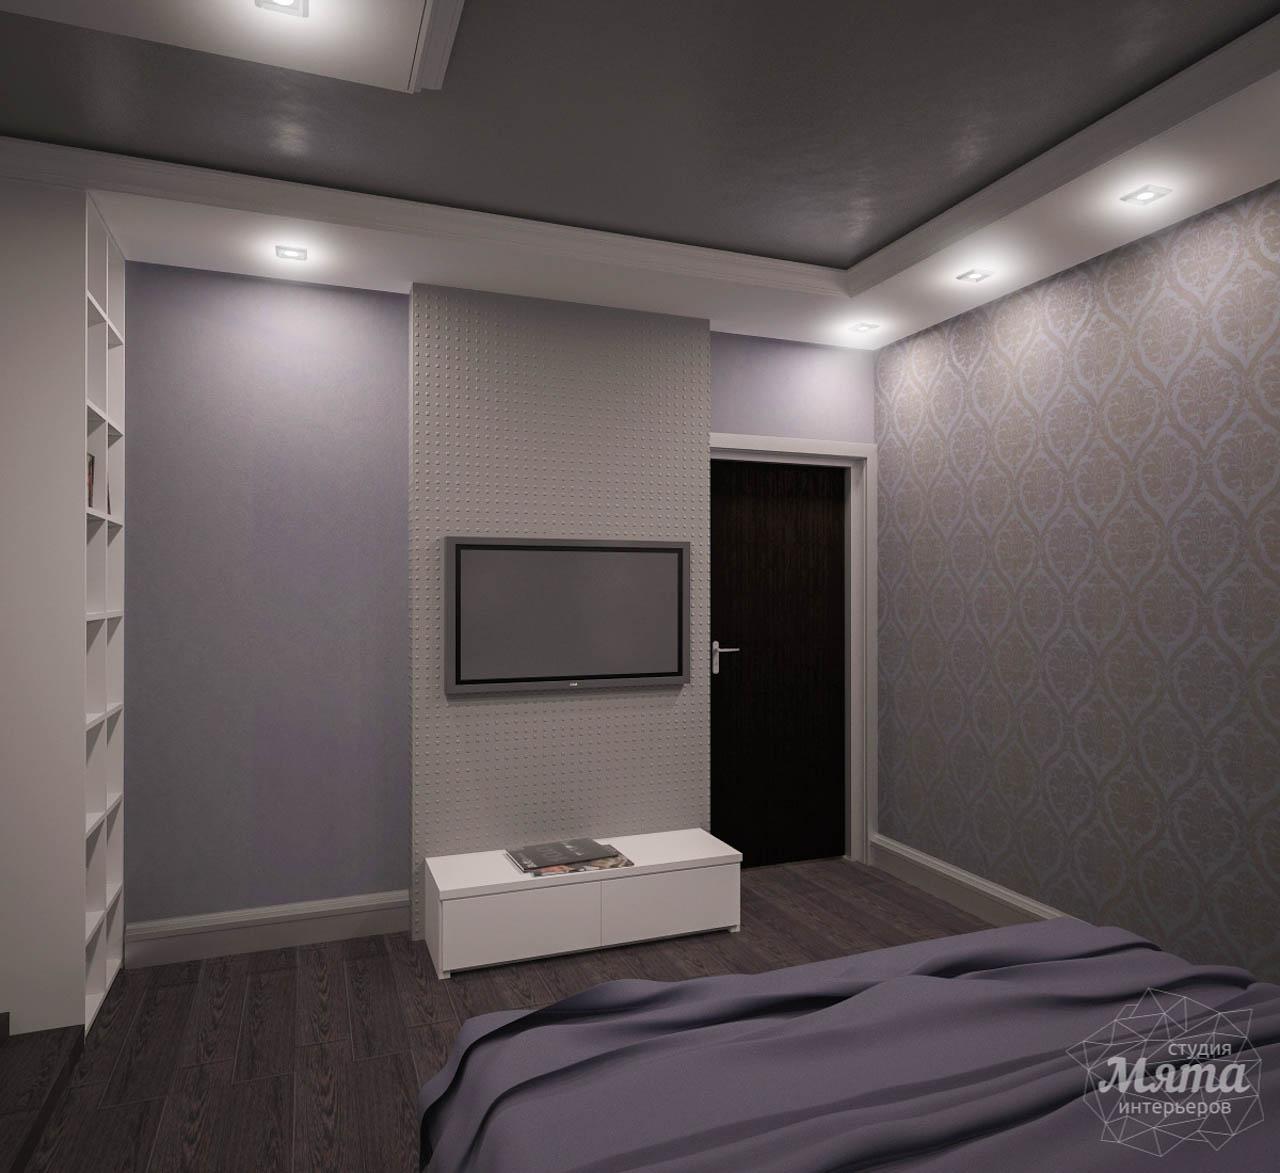 Дизайн интерьера однокомнатной квартиры по ул. Посадская 34 img948773834